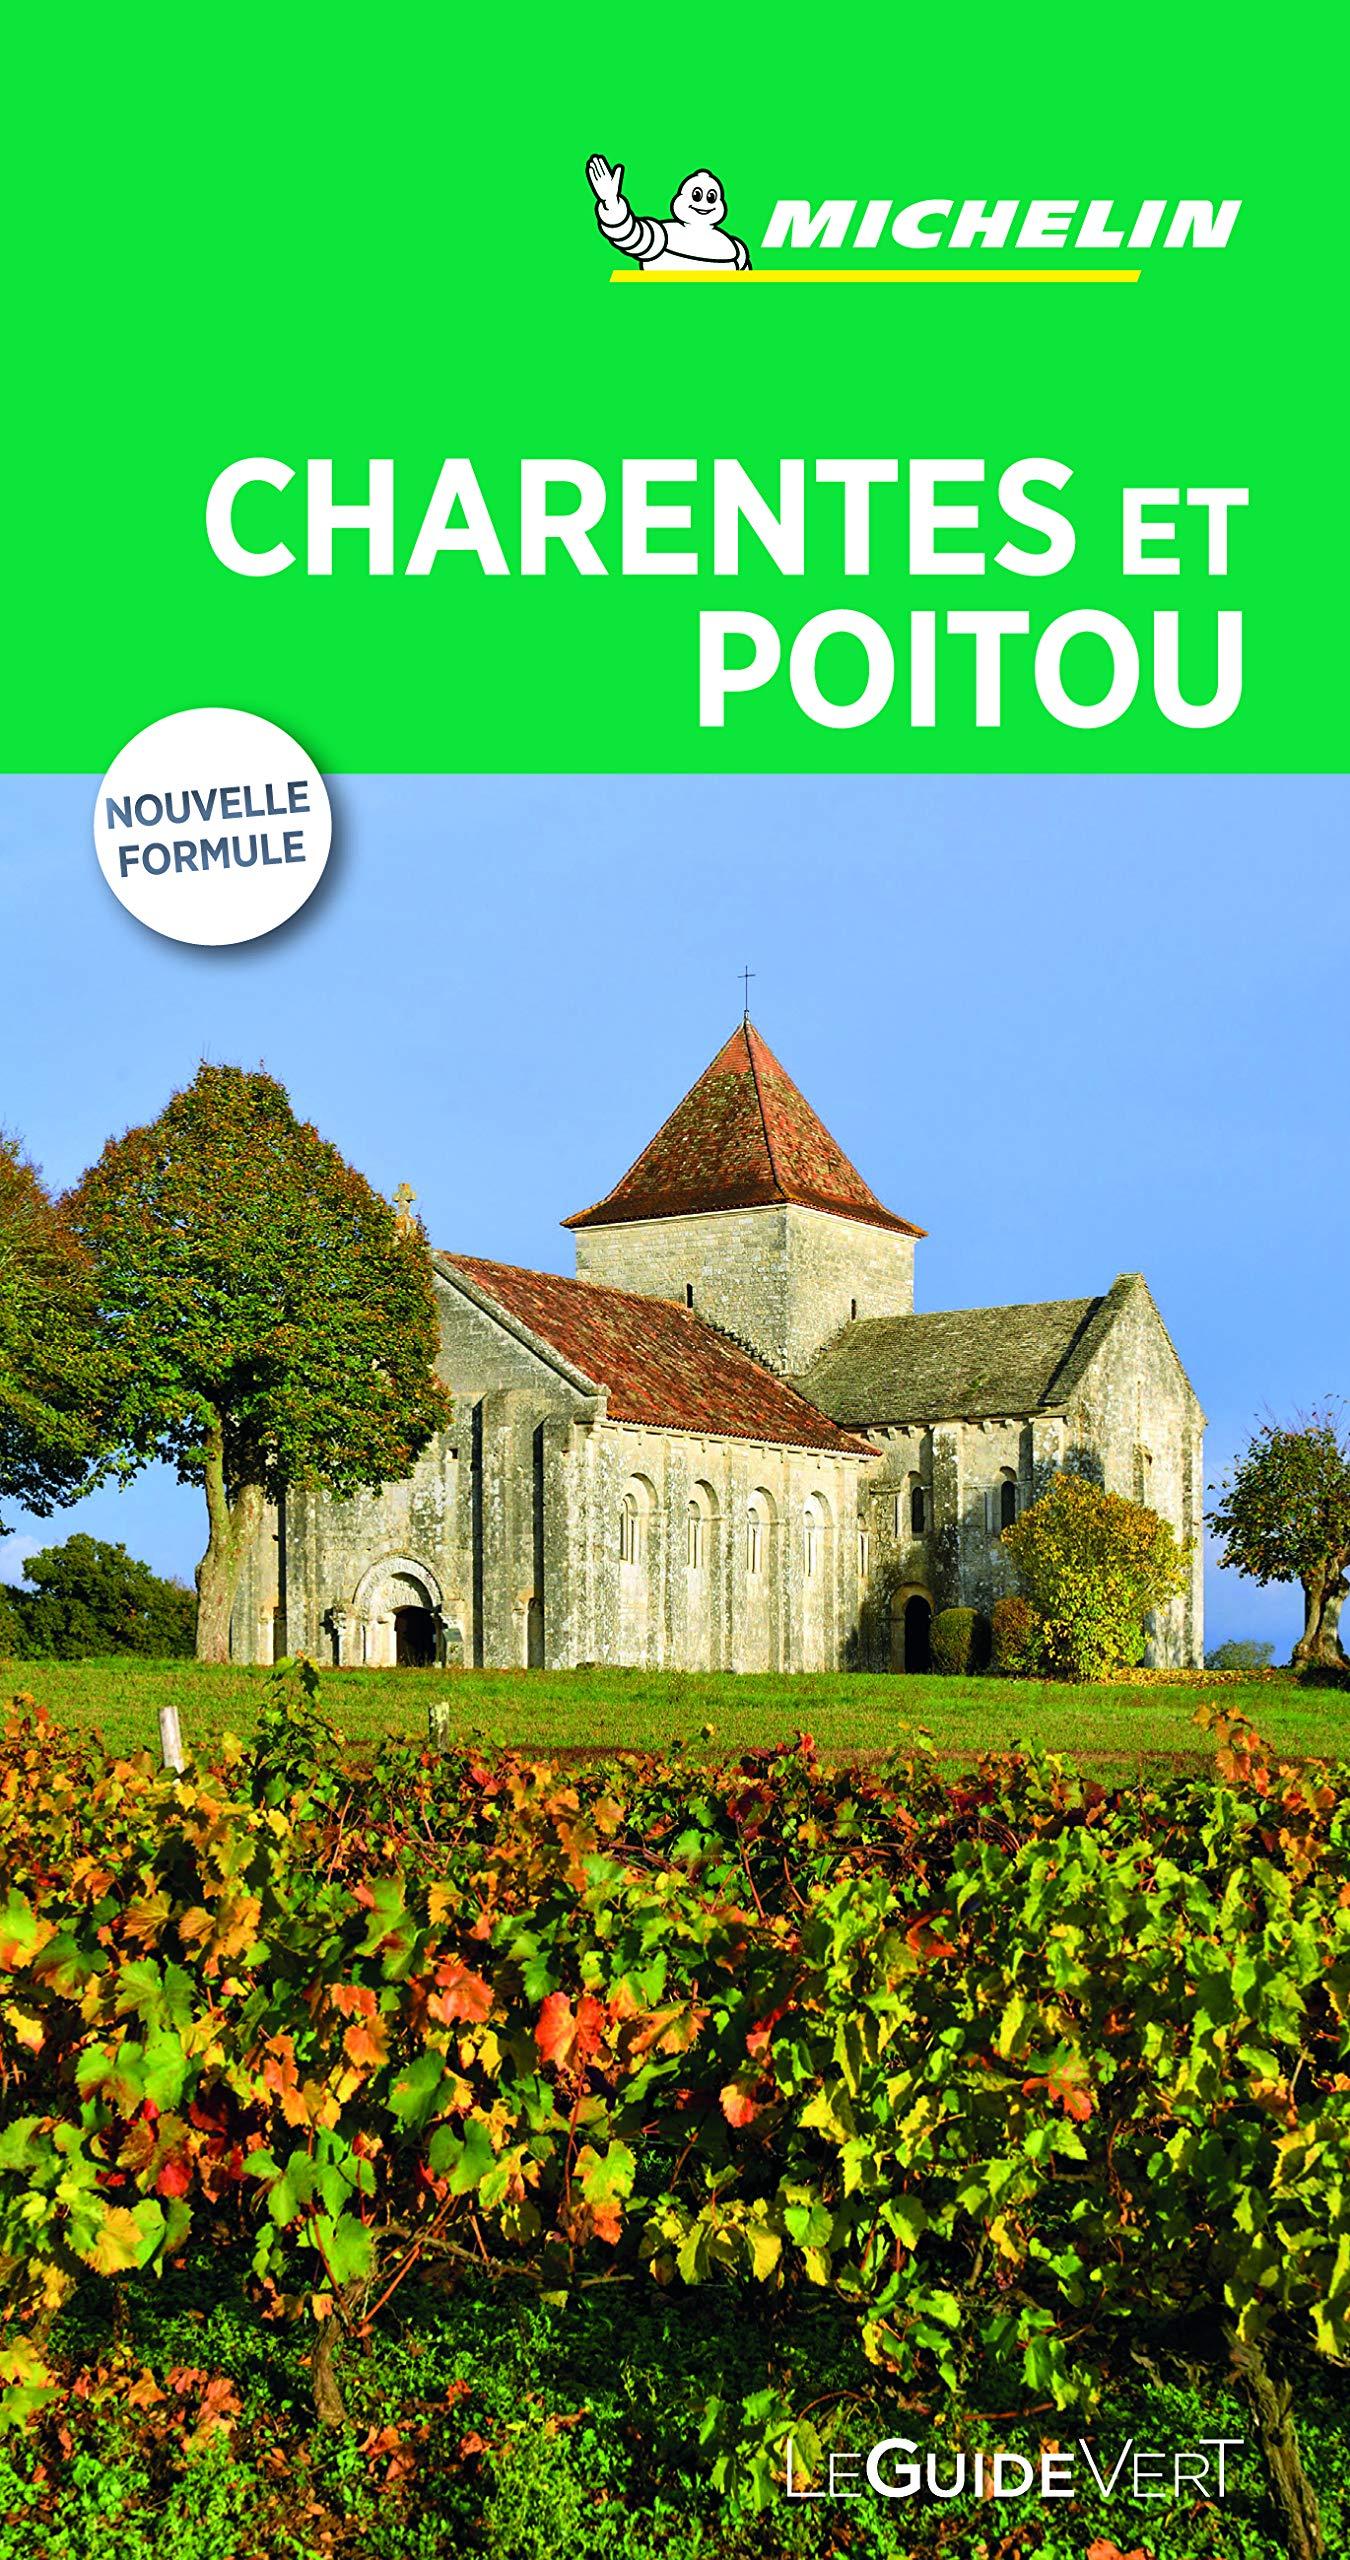 Poitou Charentes Le Guide Vert La Guía Verde Michelin: Amazon.es: MICHELIN: Libros en idiomas extranjeros